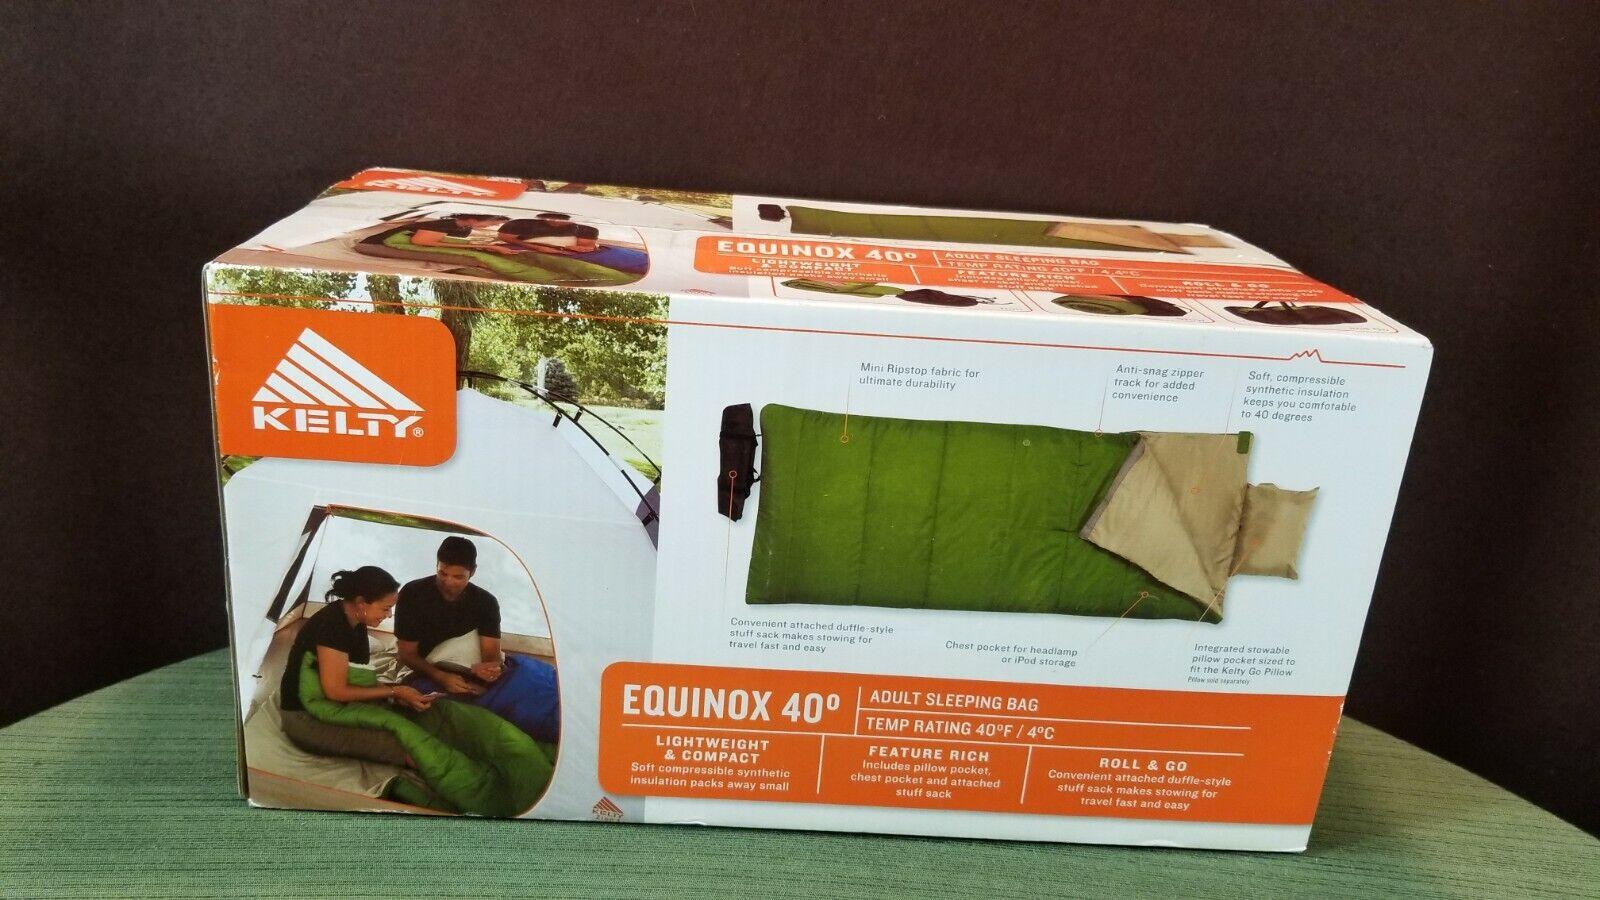 KELTY Equinox 40° Adult O.D. Green Roll & Go Sleeping Bag